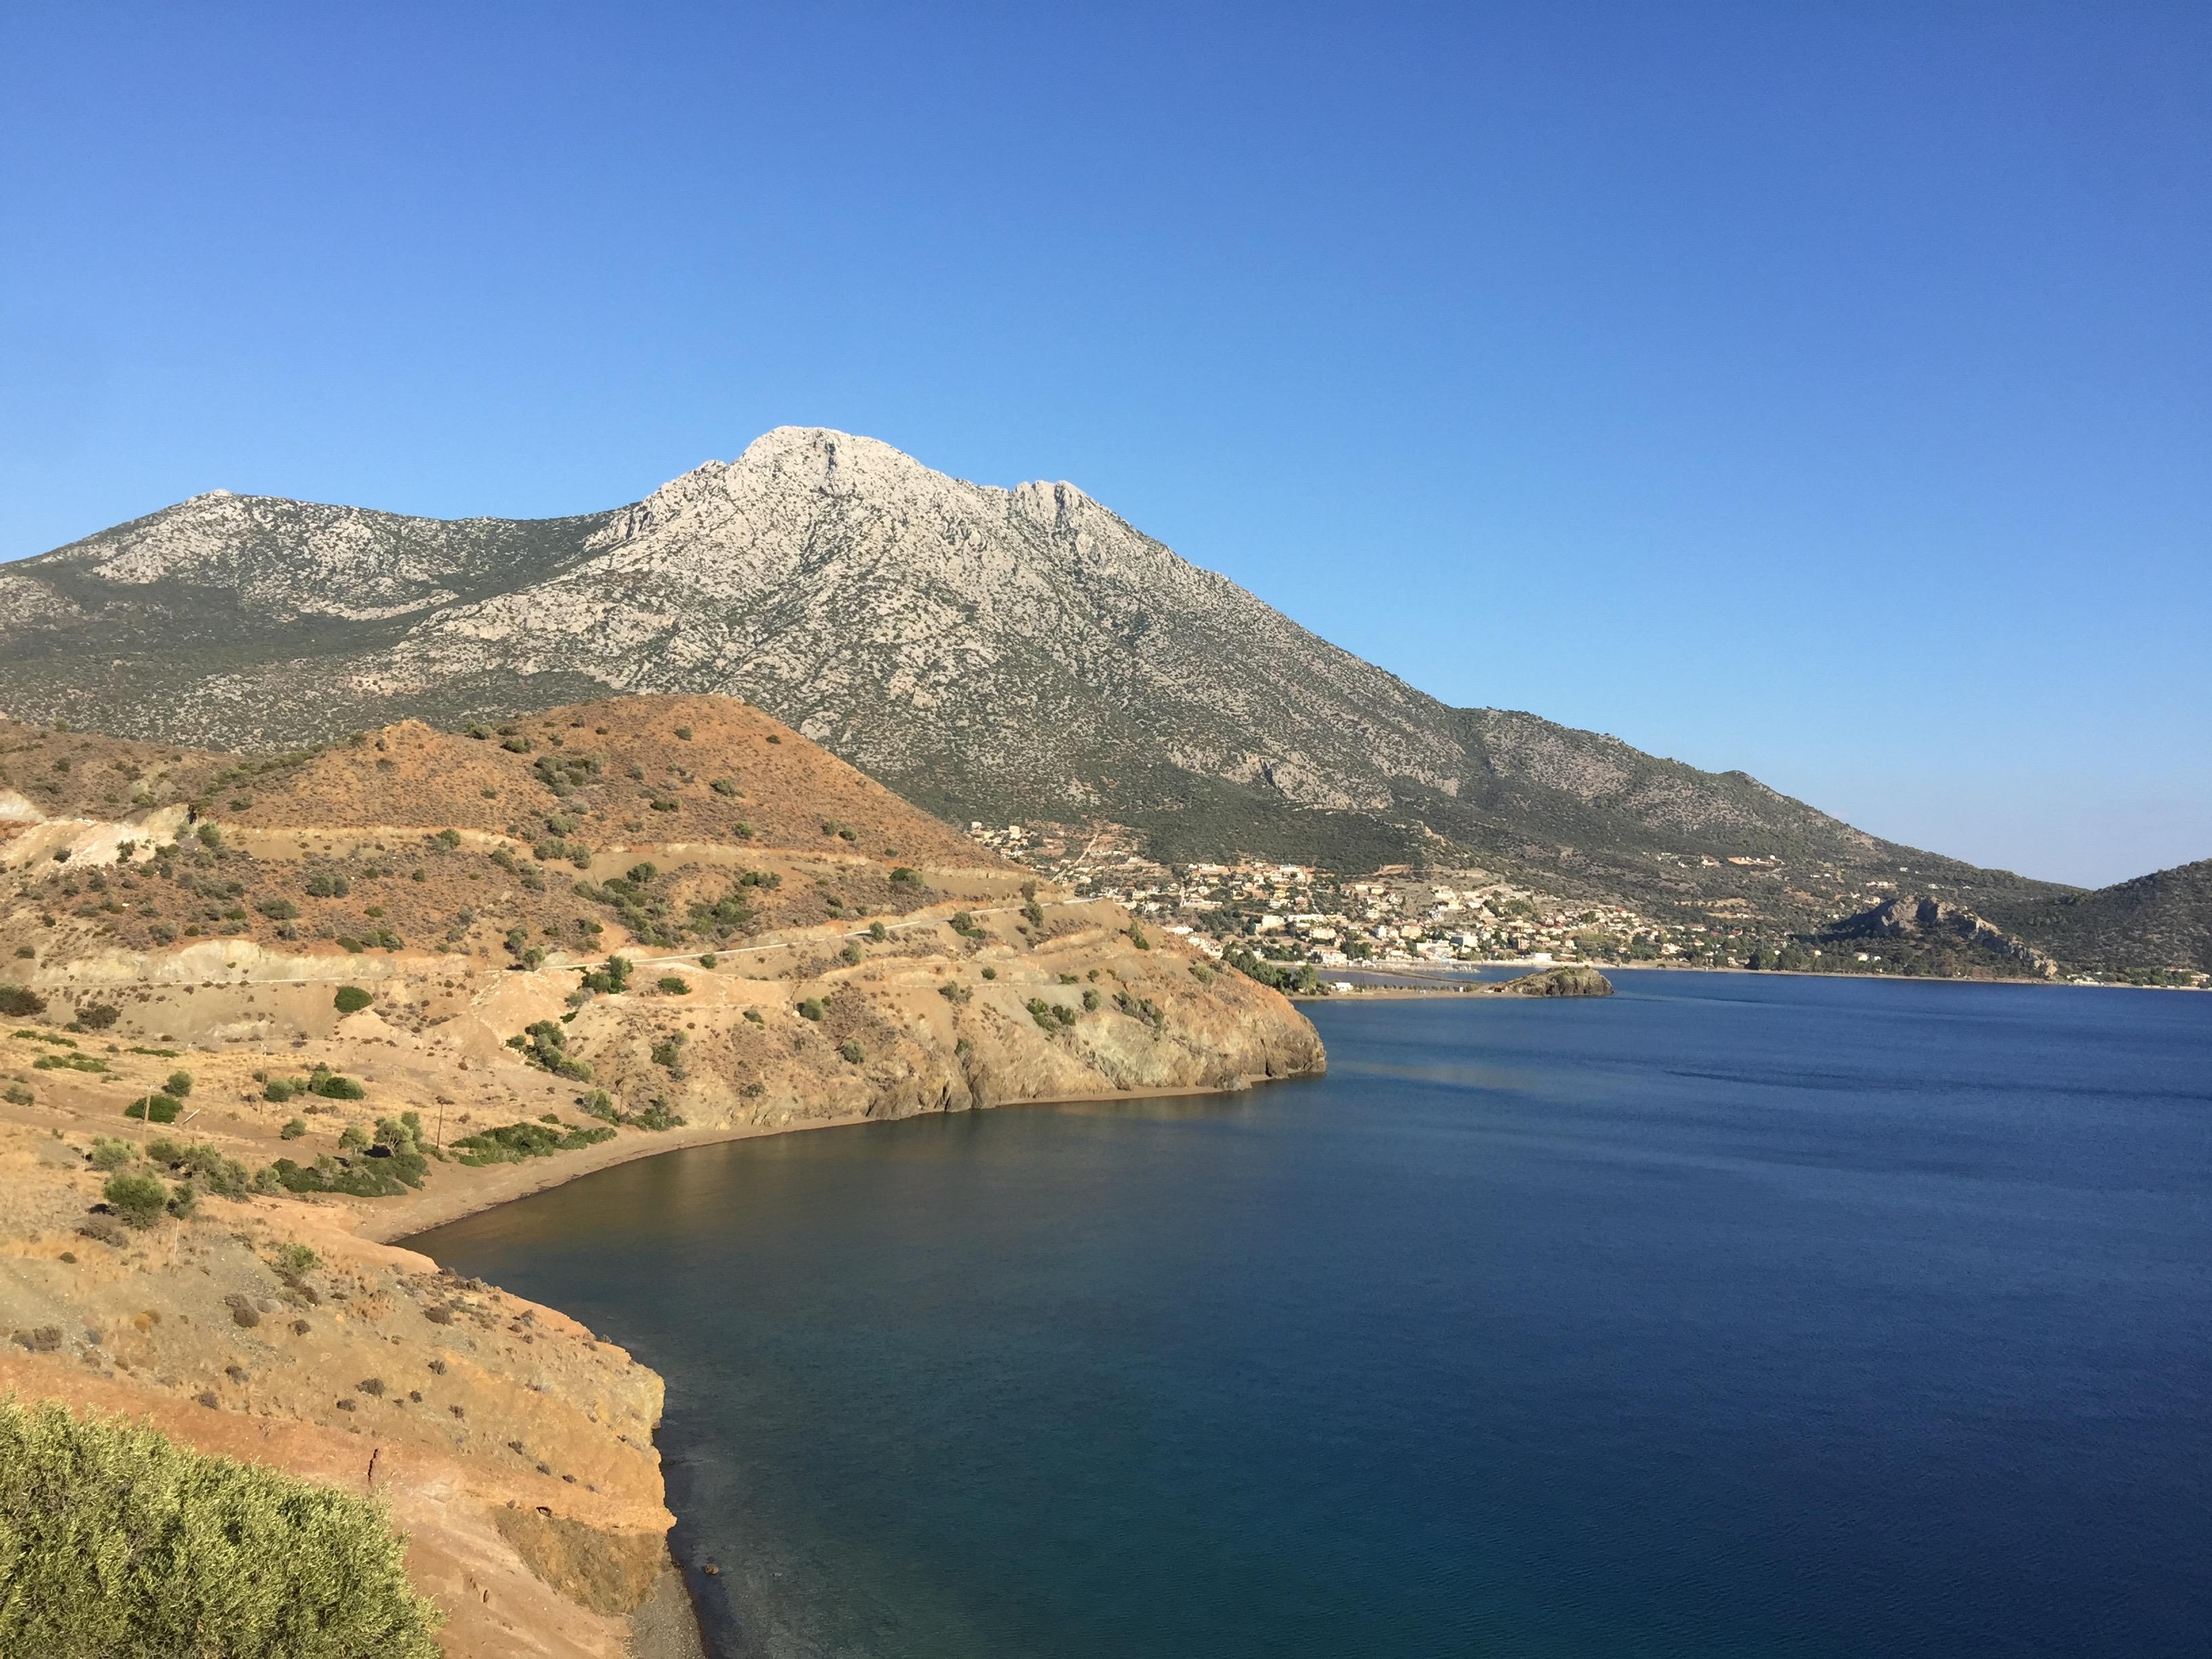 Grèce - Destination Météores par trail rando 1610030411562598